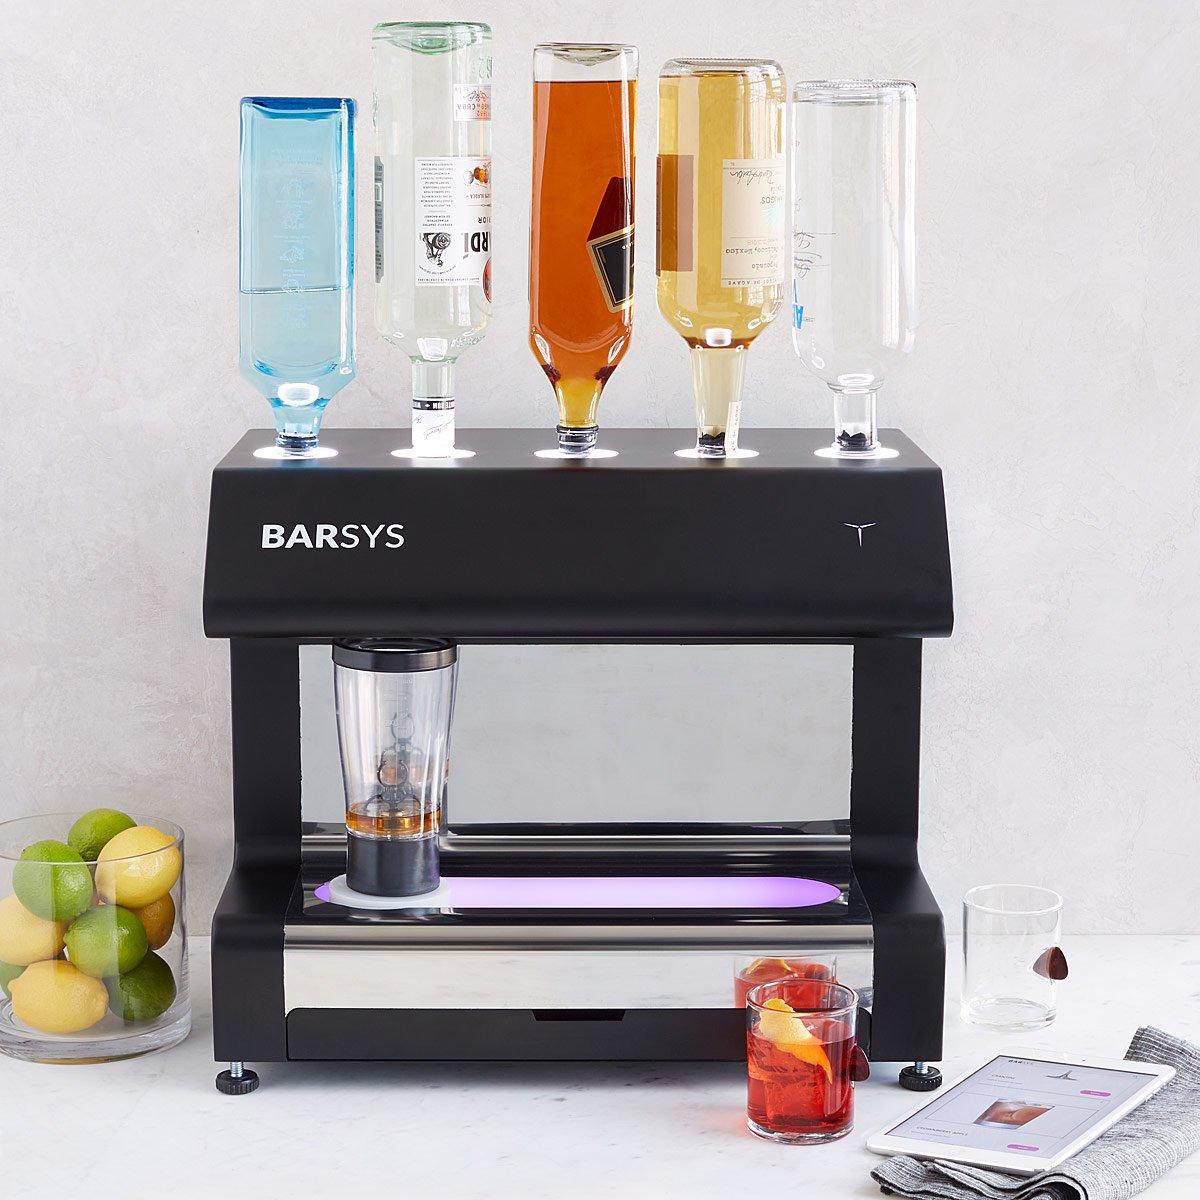 Barsys Robot Bartender